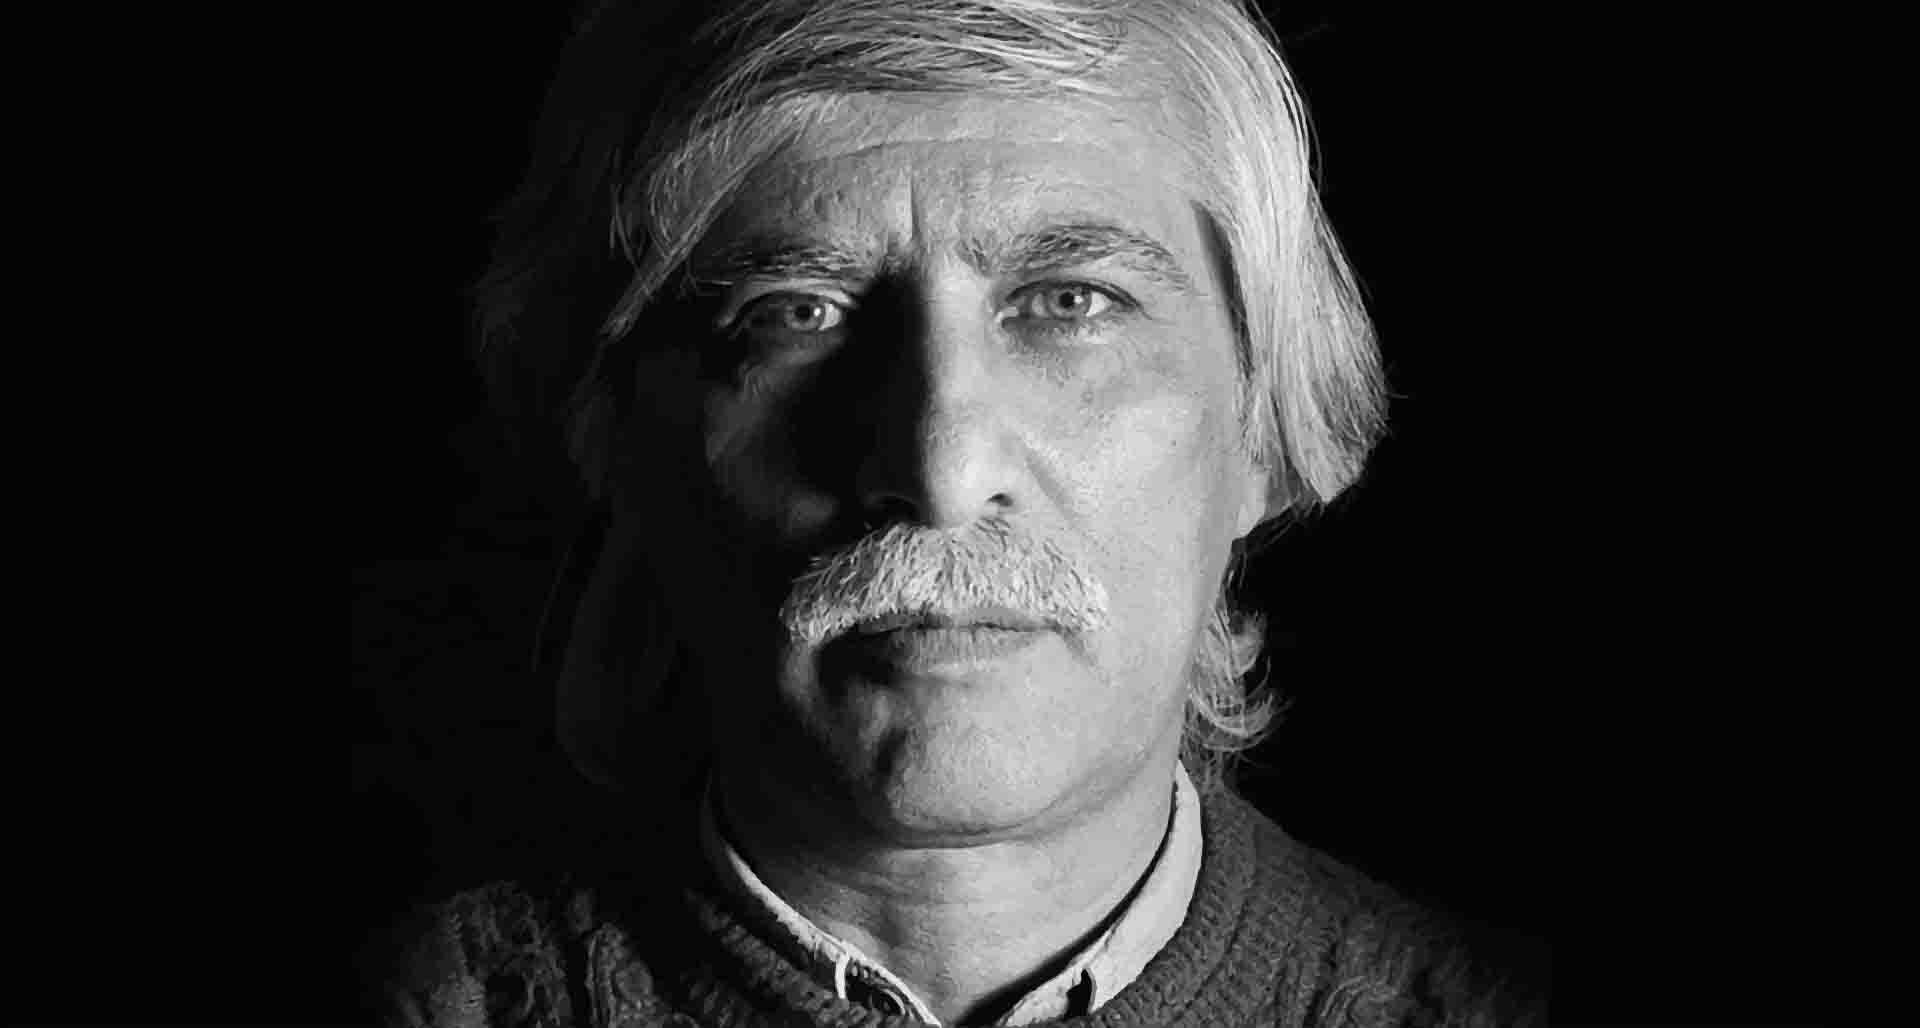 بهرام بیضایی؛ پشتوانه سینمای اصیل ایرانی